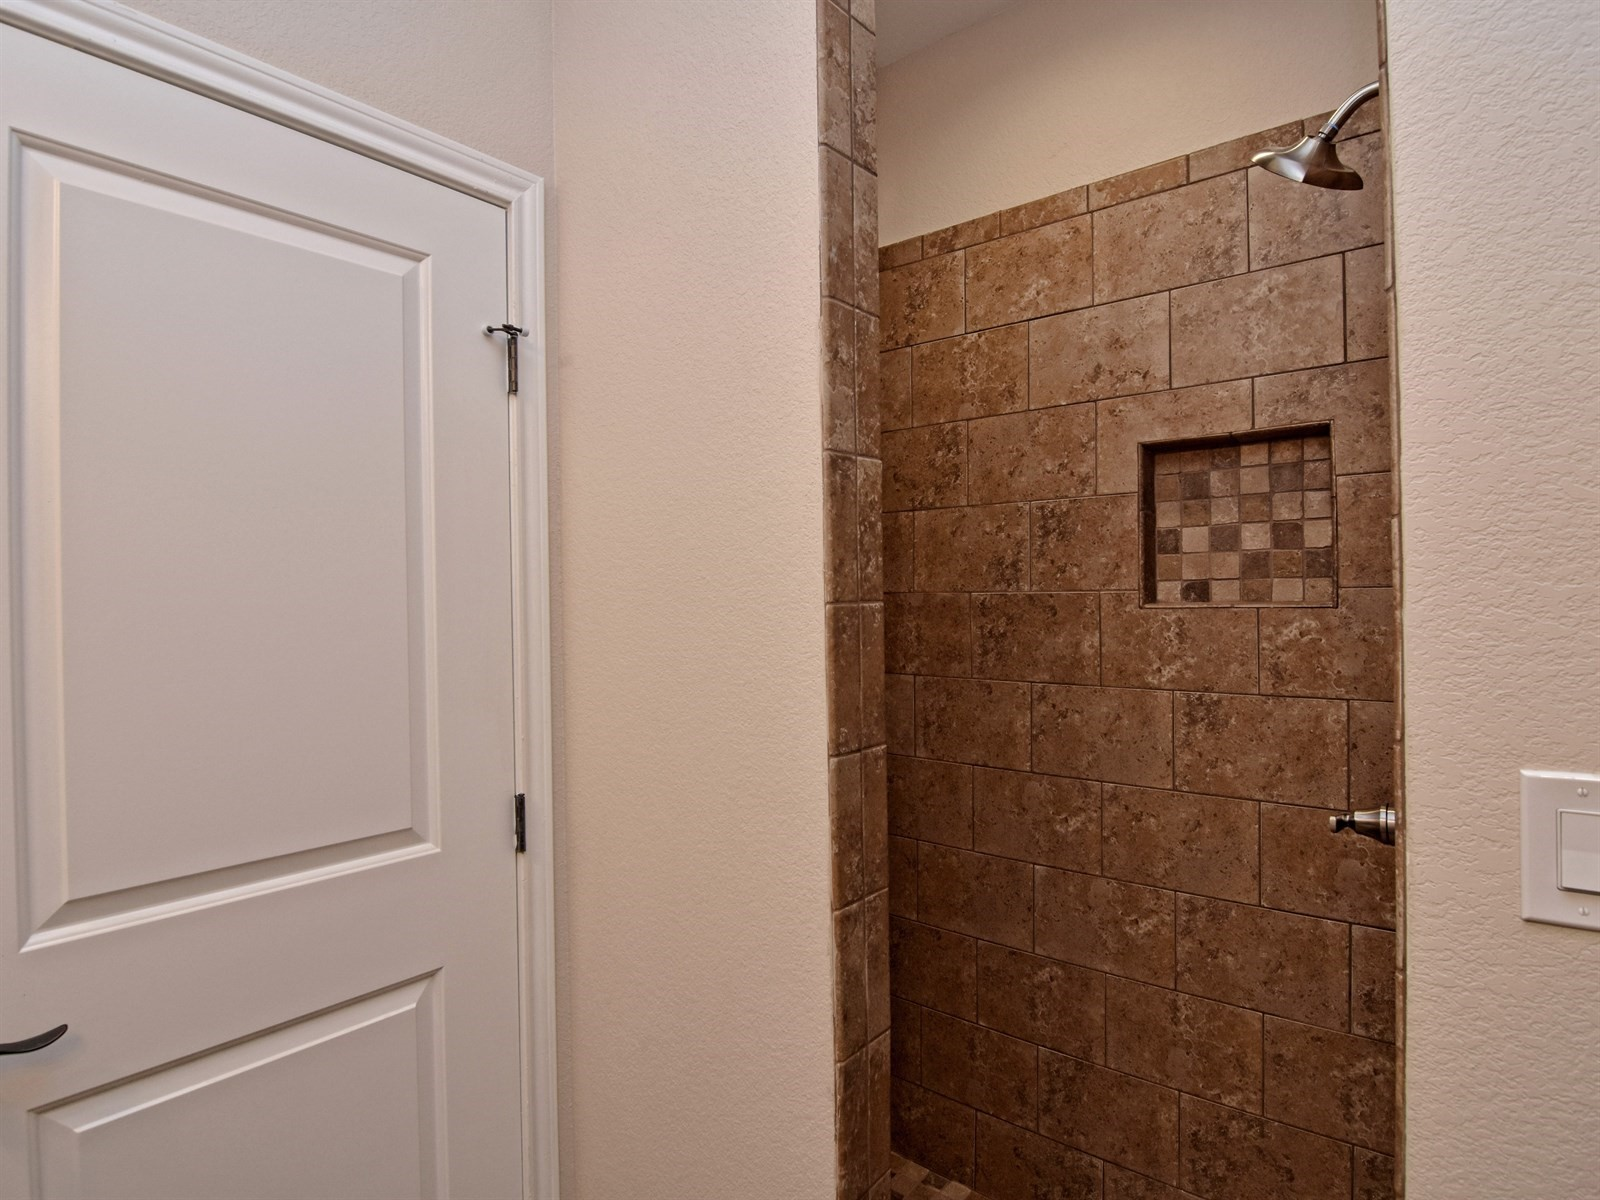 022_Shower.jpg